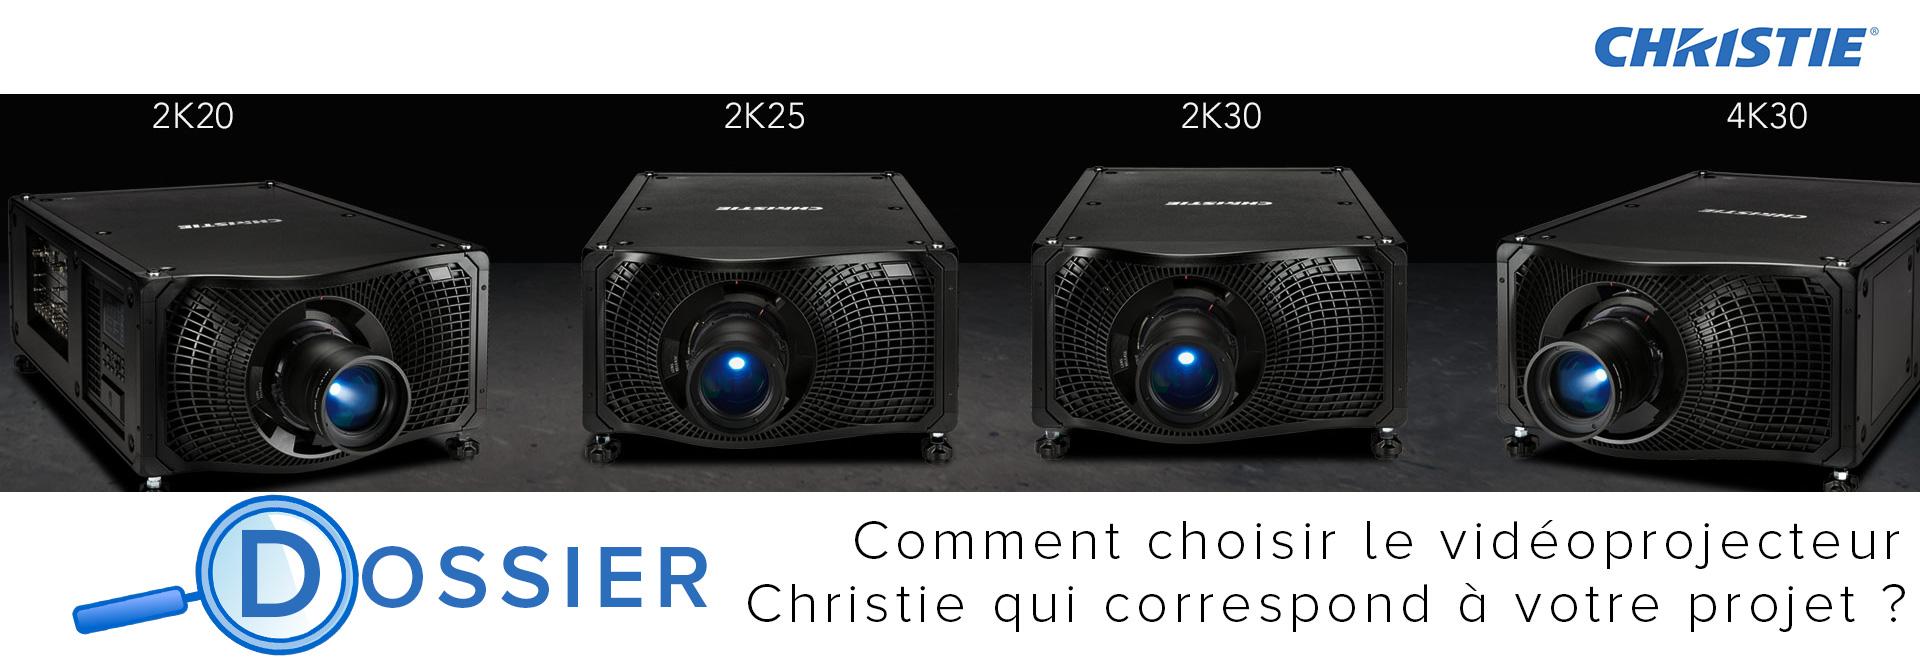 Comment choisir le vidéoprojecteur Christie qui correspond à votre projet ?